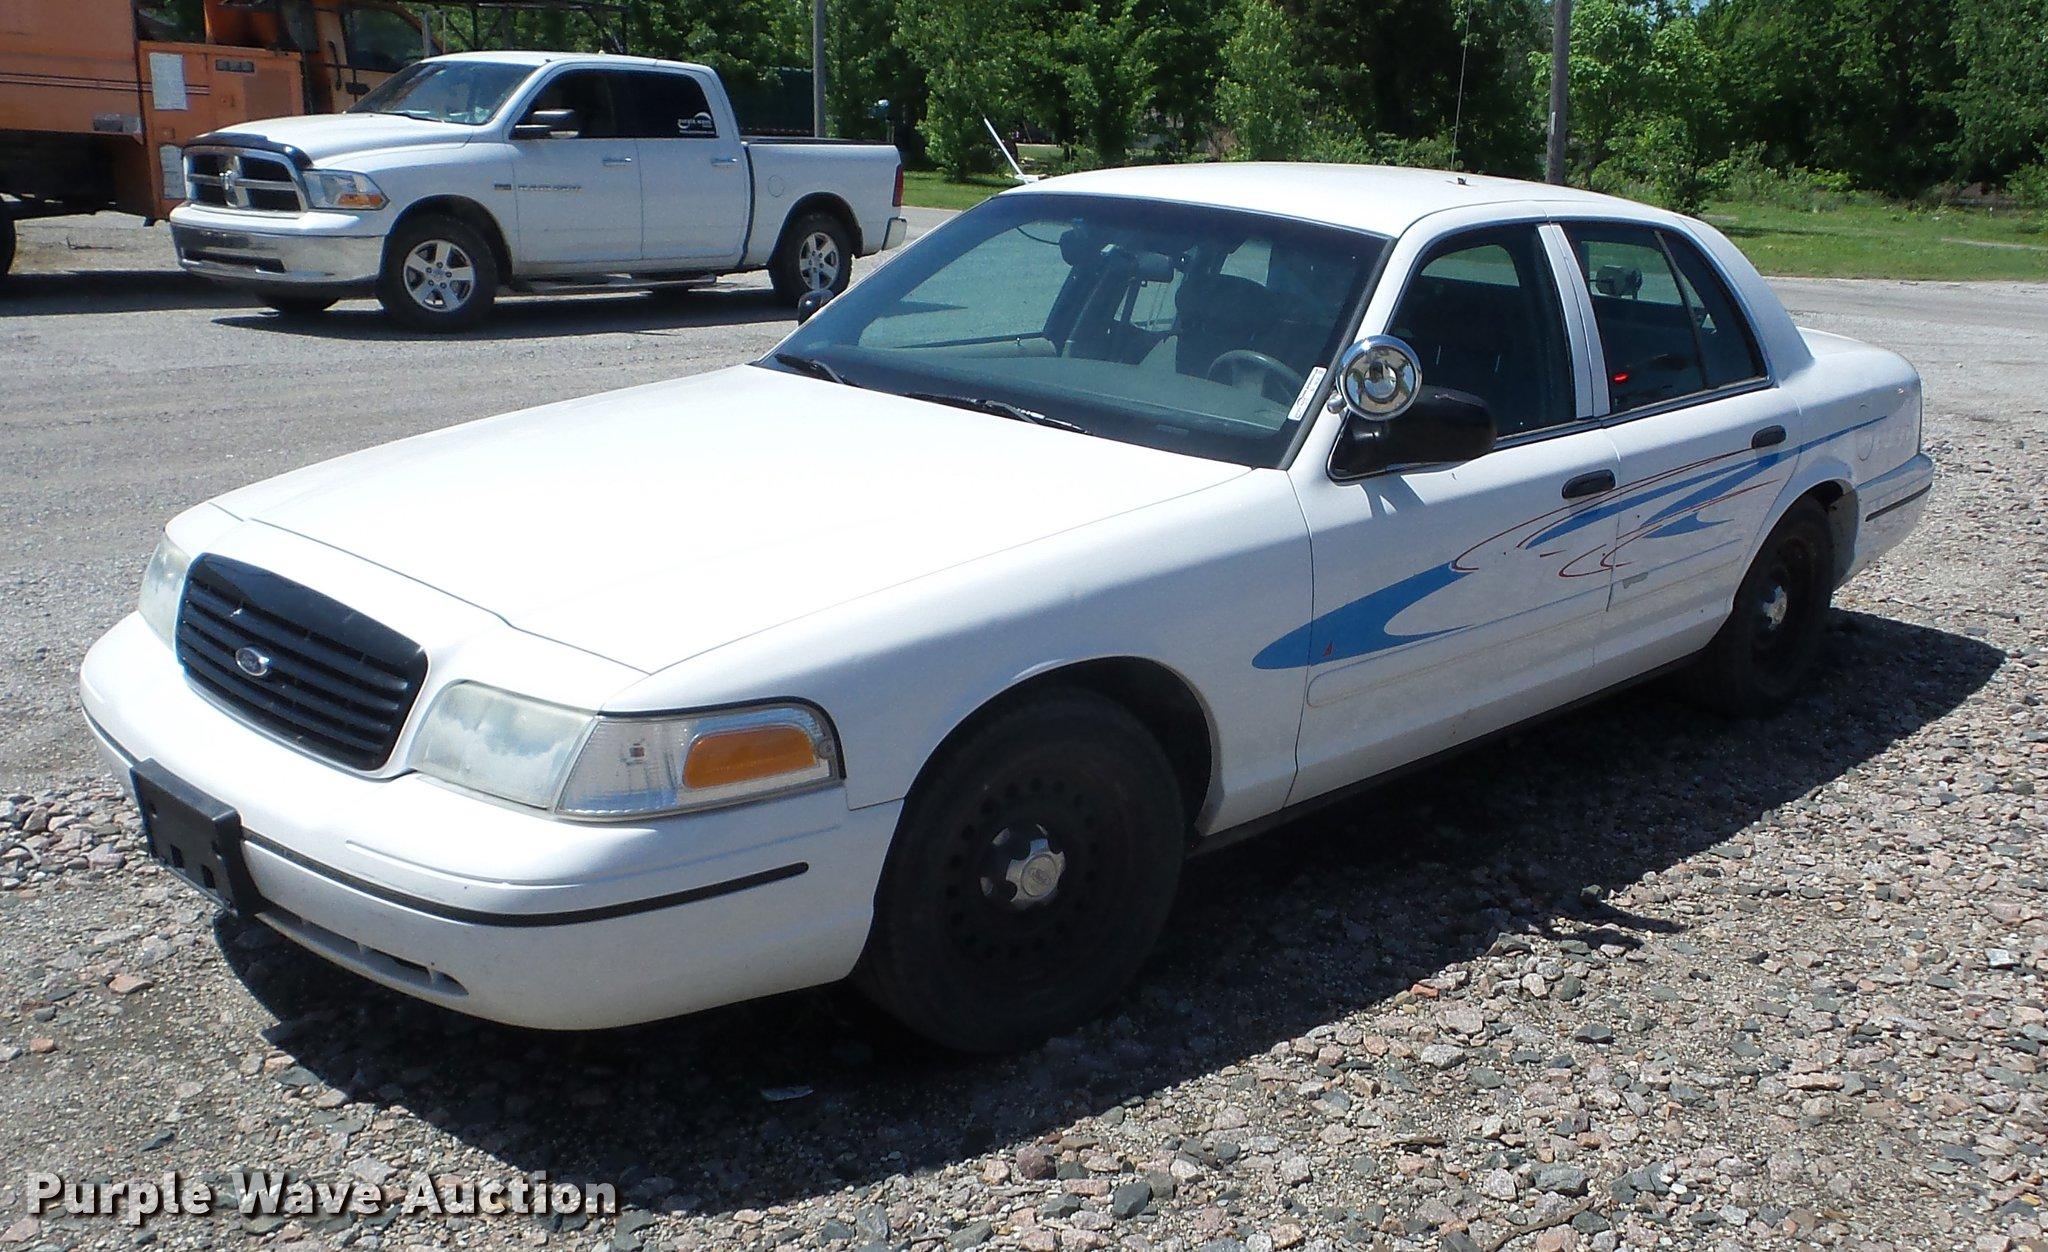 Bi9530 image for item bi9530 1999 ford crown victoria police interceptor